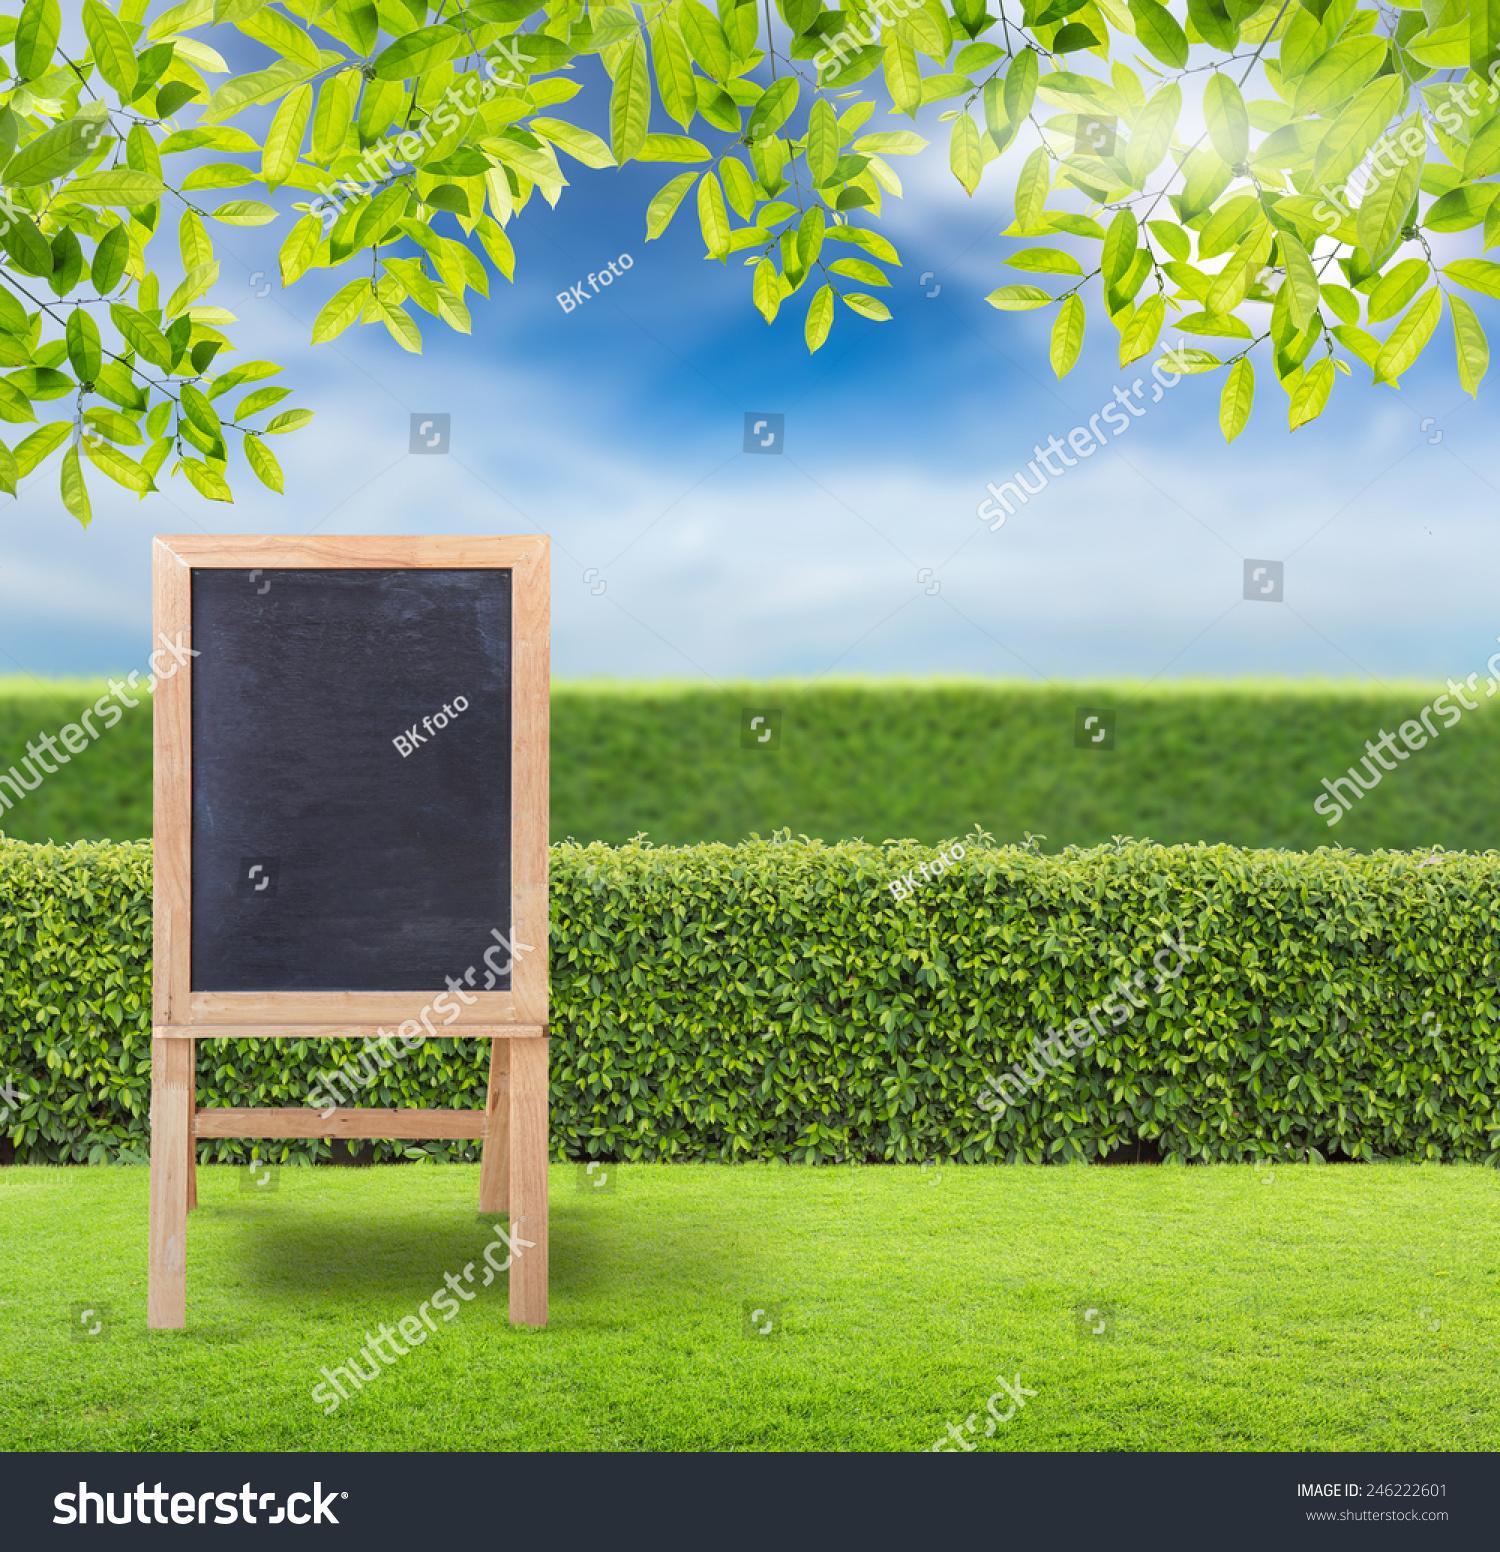 木地板和花园背景的空白黑板